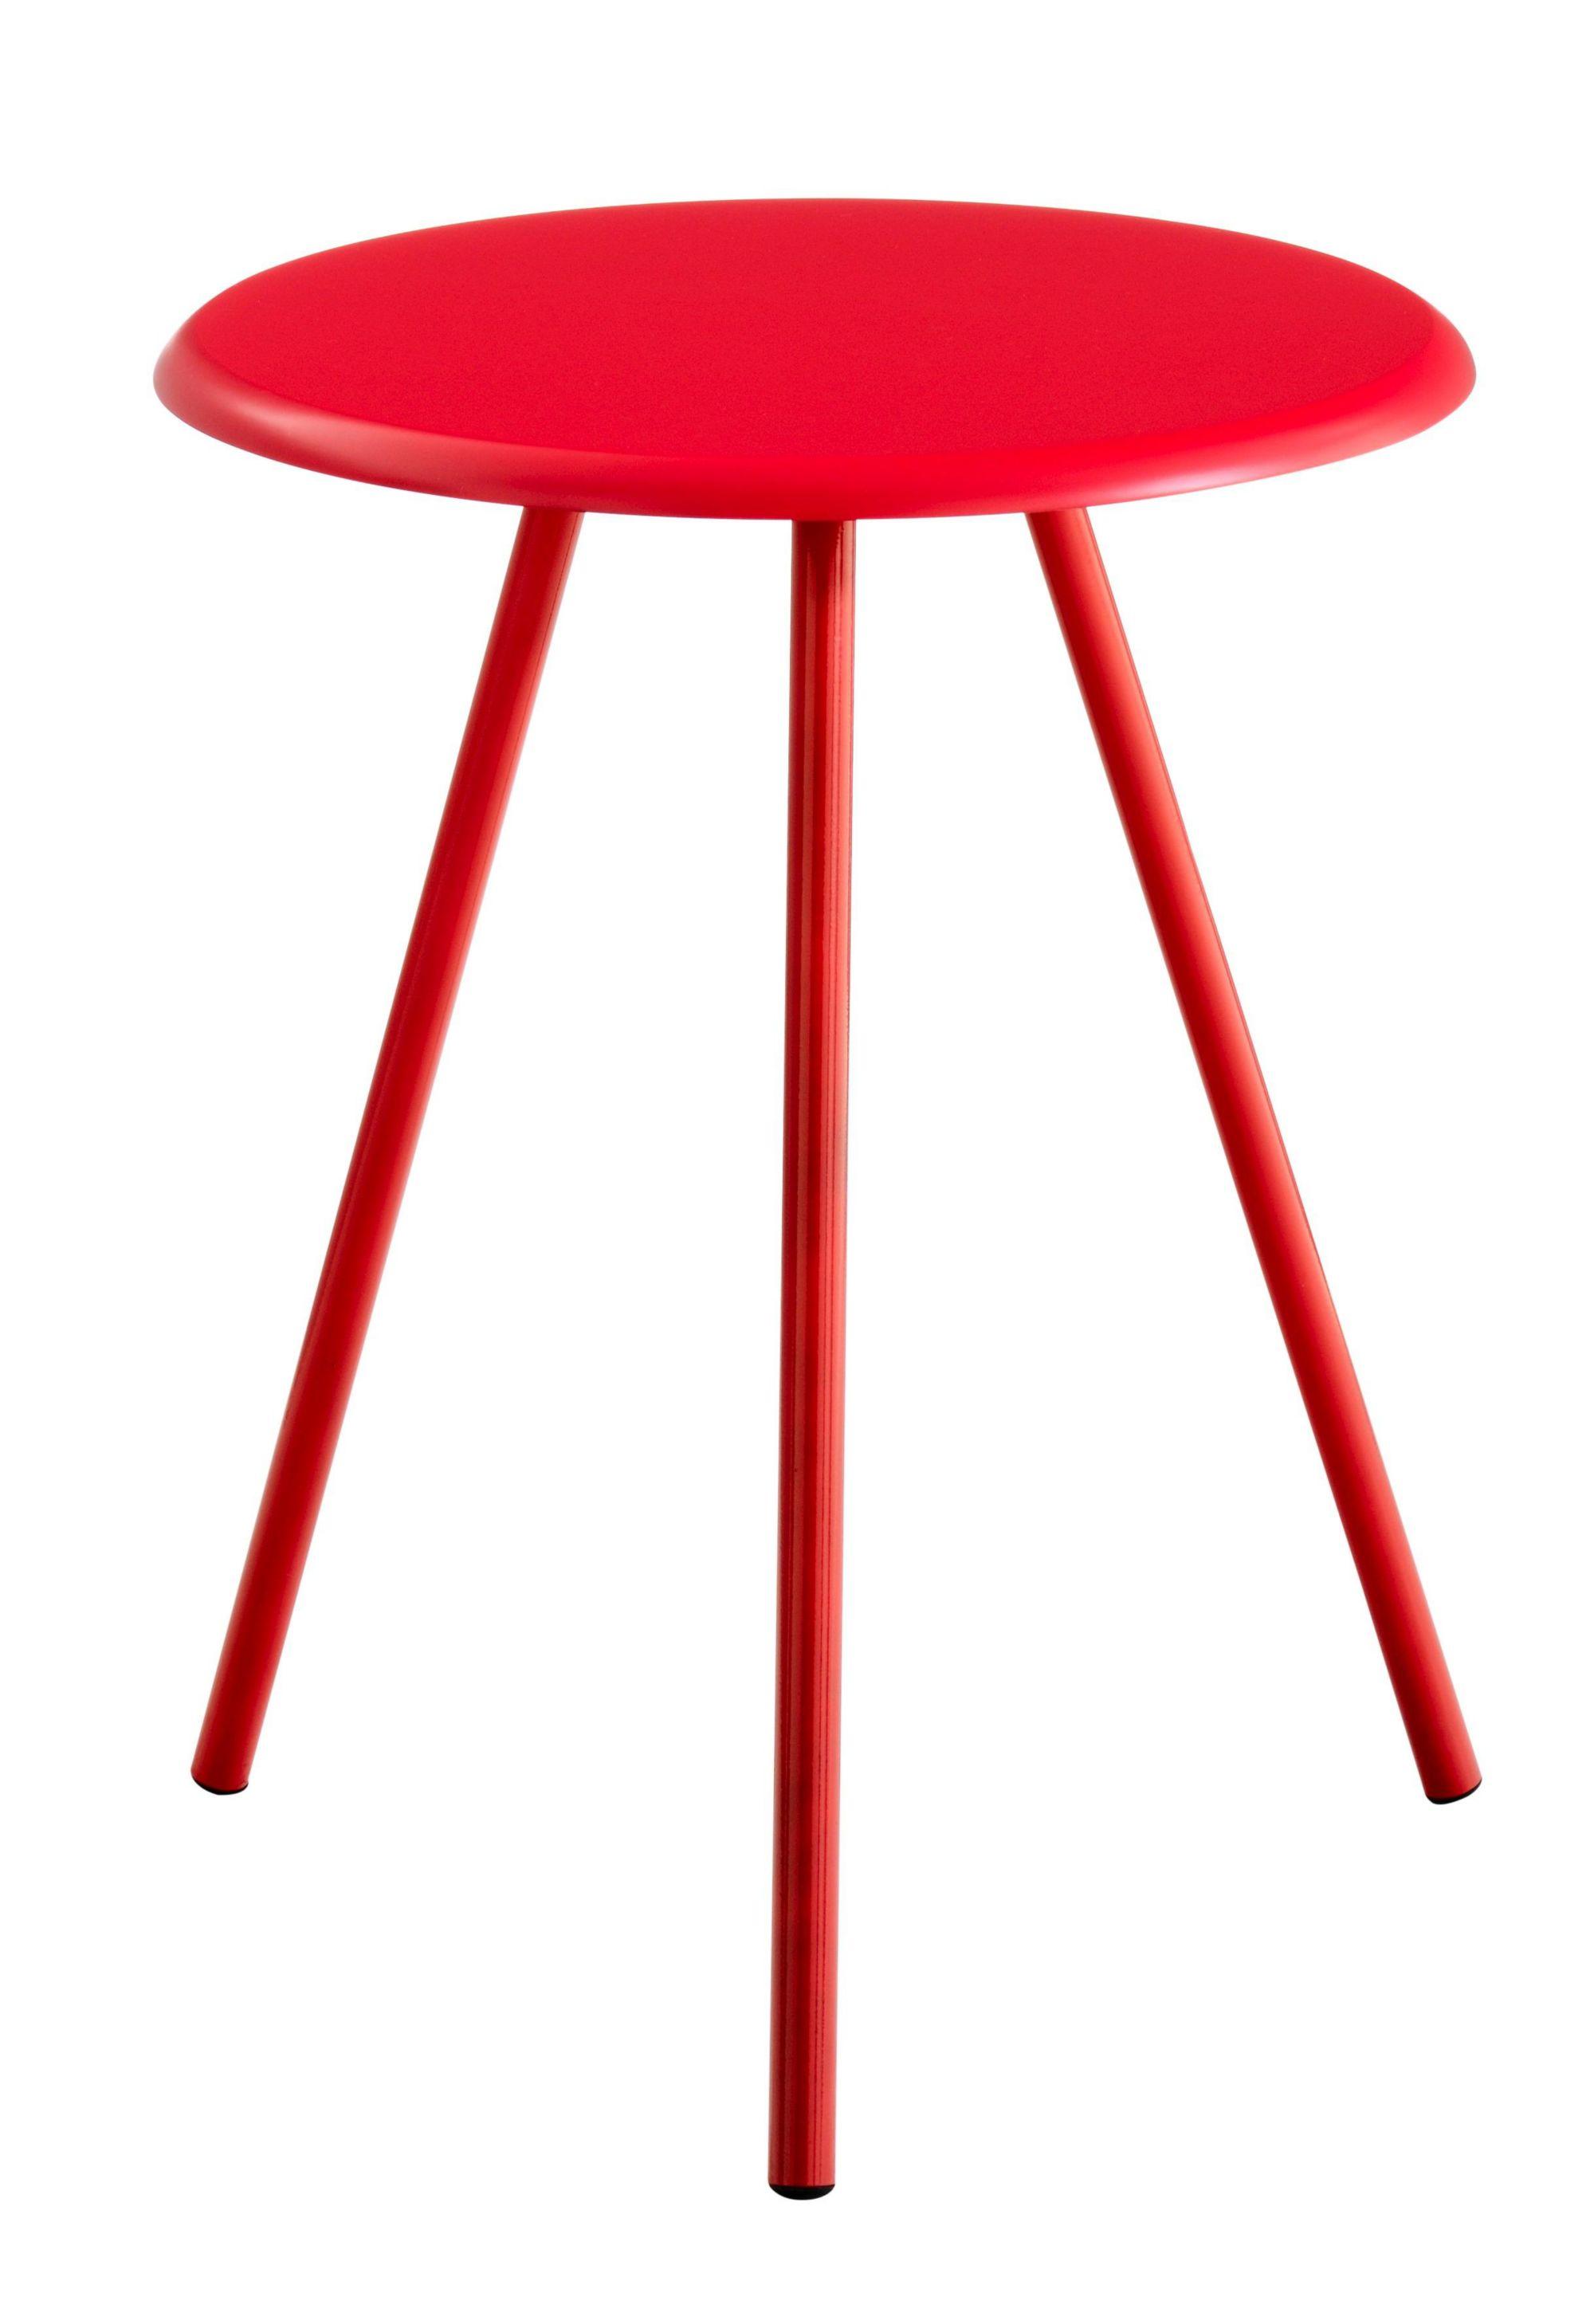 table basse petit modele fly